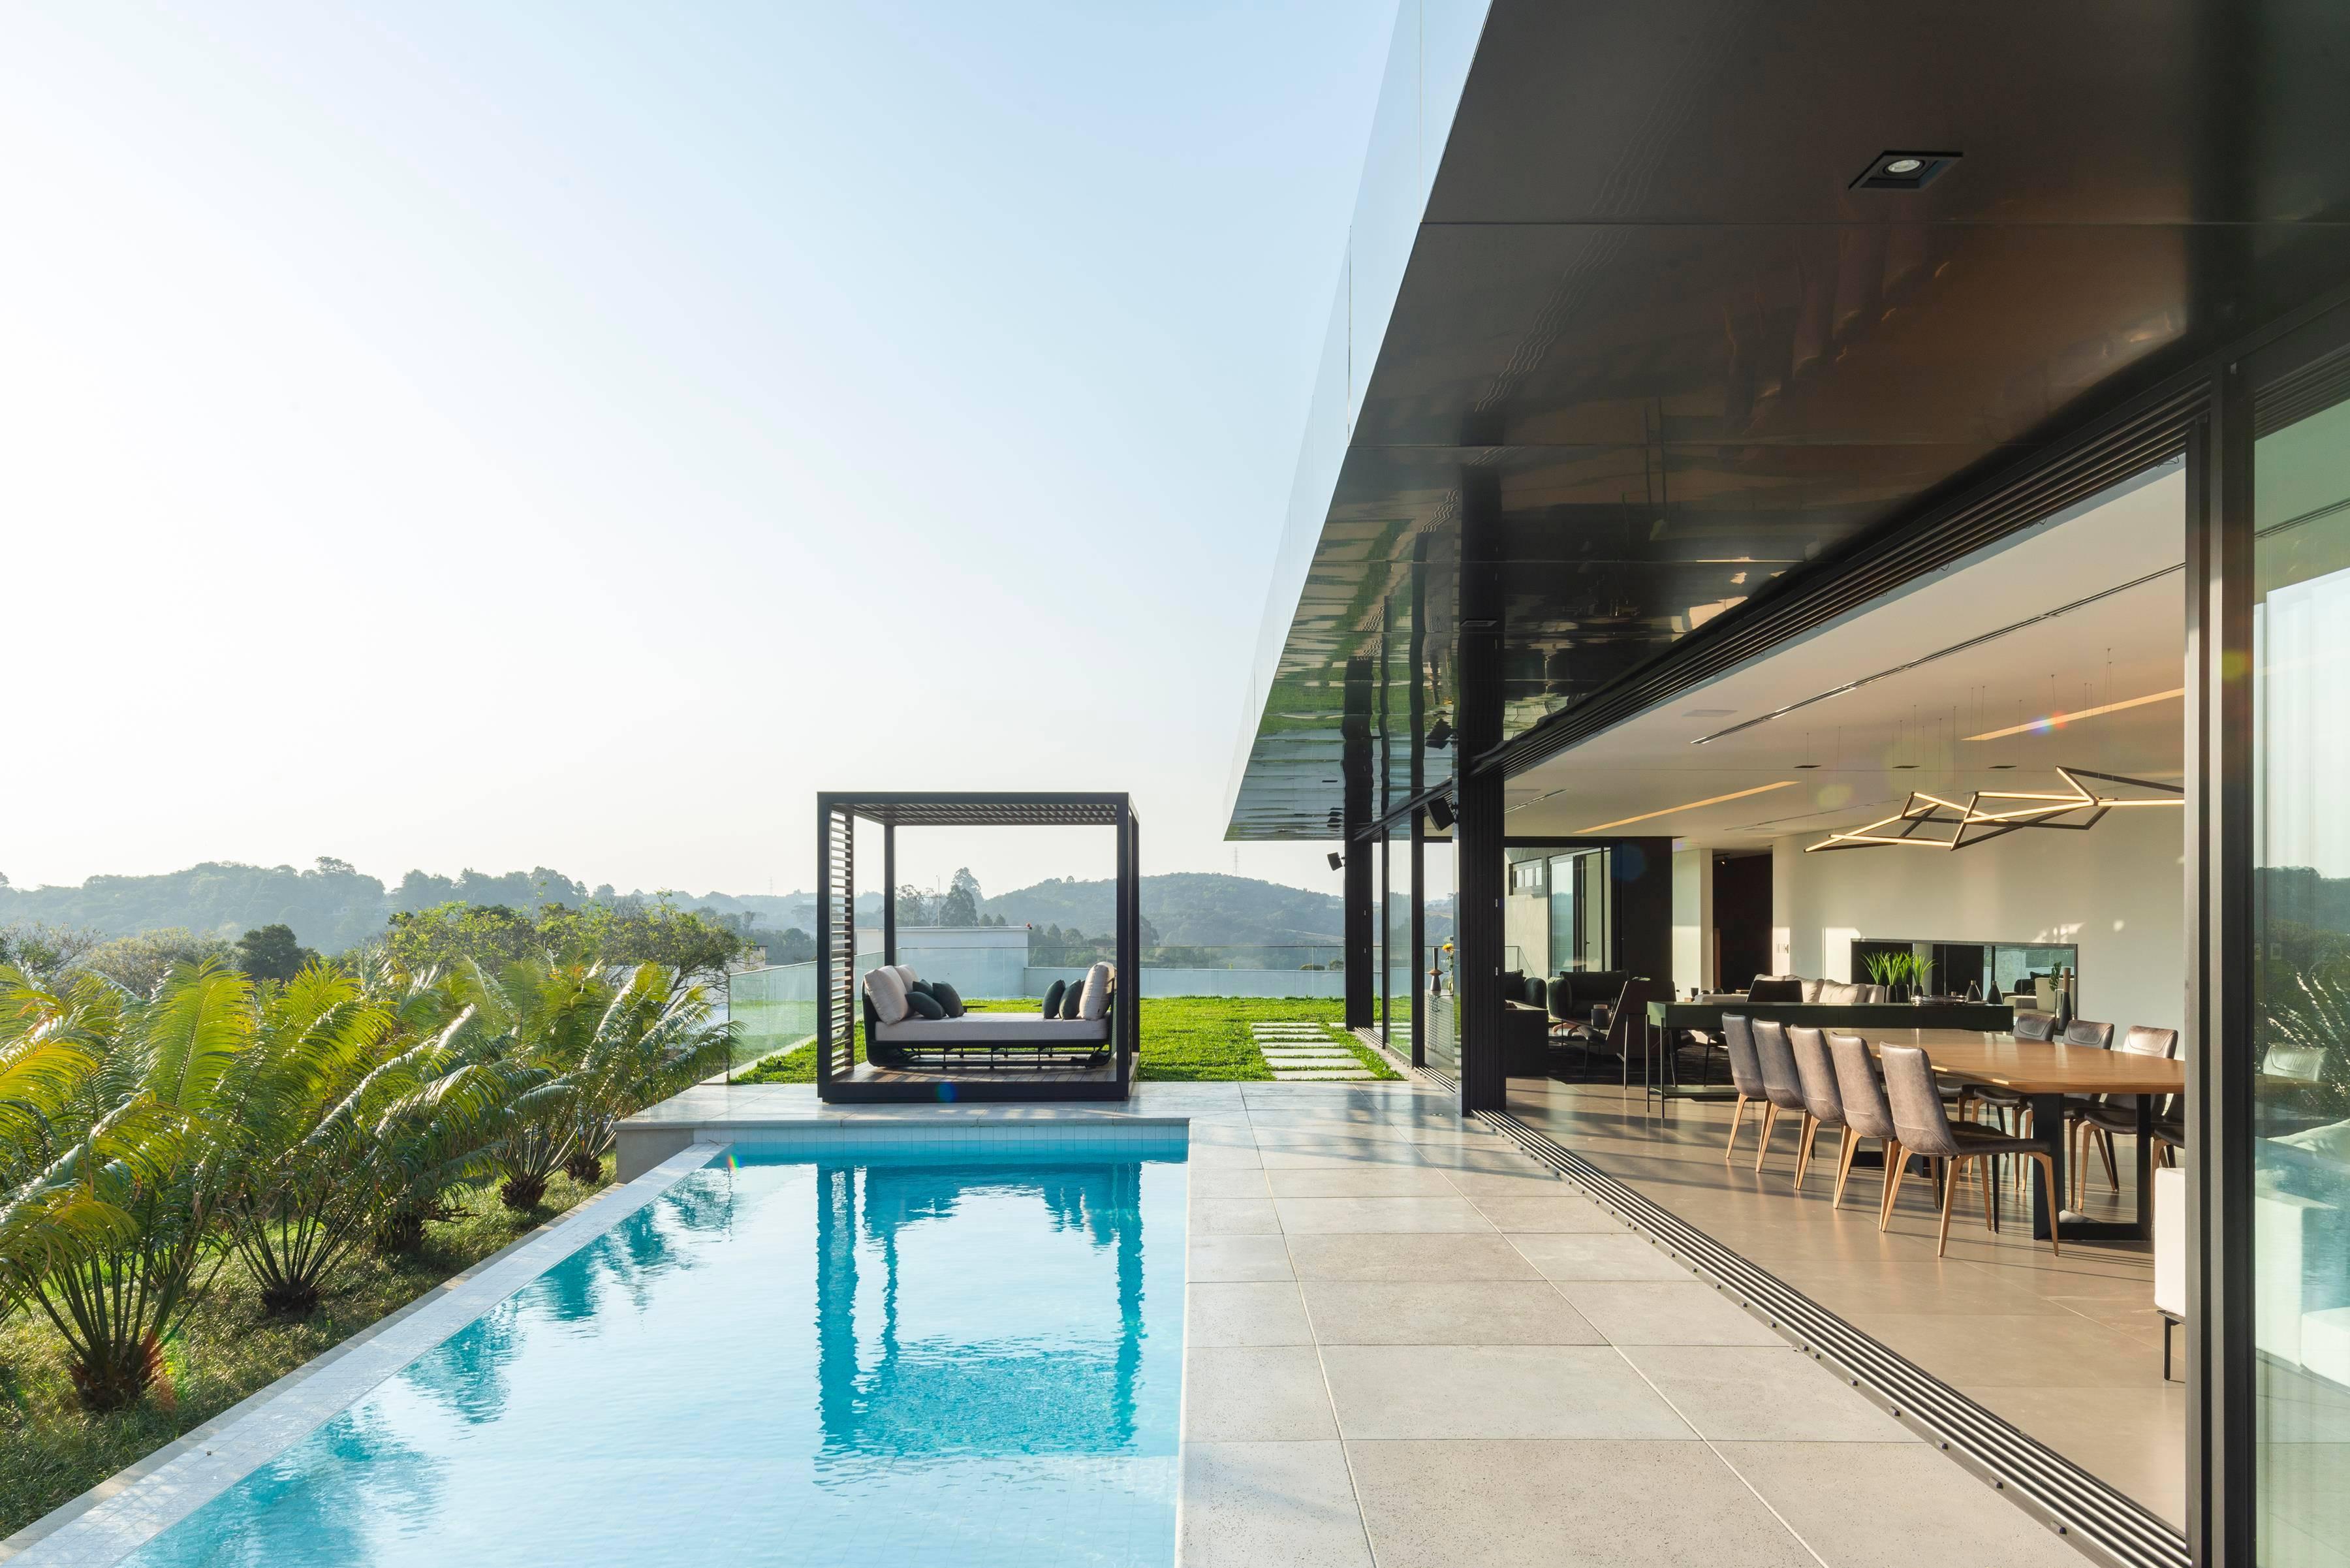 Casa projetada pelos arquitetos Mariana Manzoni e Rafael Gimenez Gonçalves, do Studio MG2.